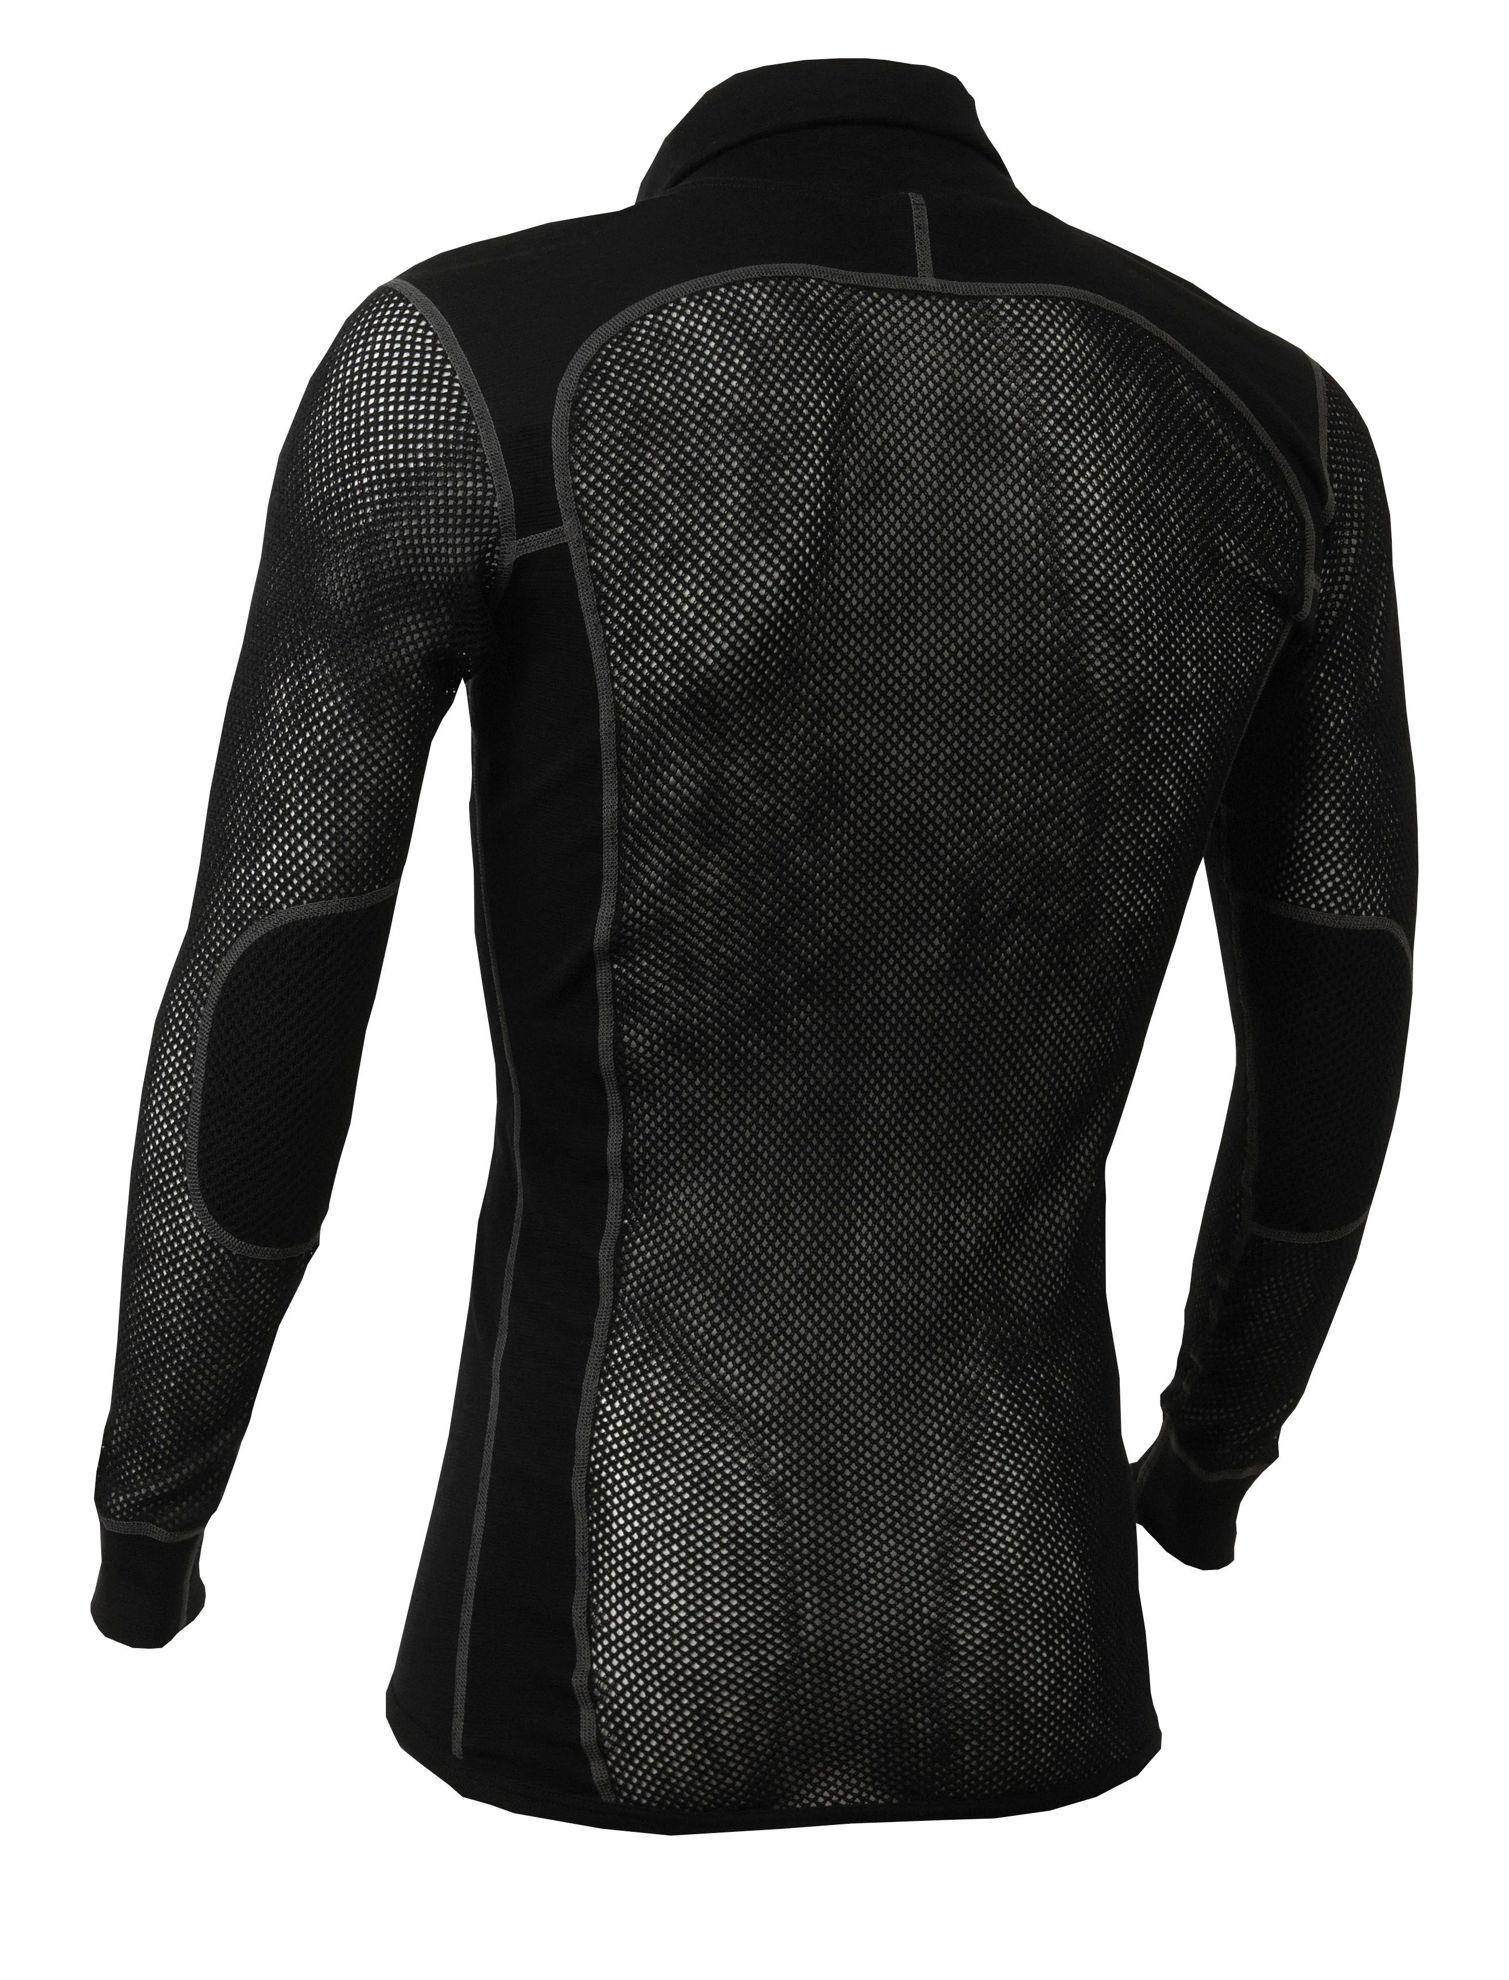 Bild på Aclima WoolNet Polo Shirt with zip Herr i Merinoull - Jet Black